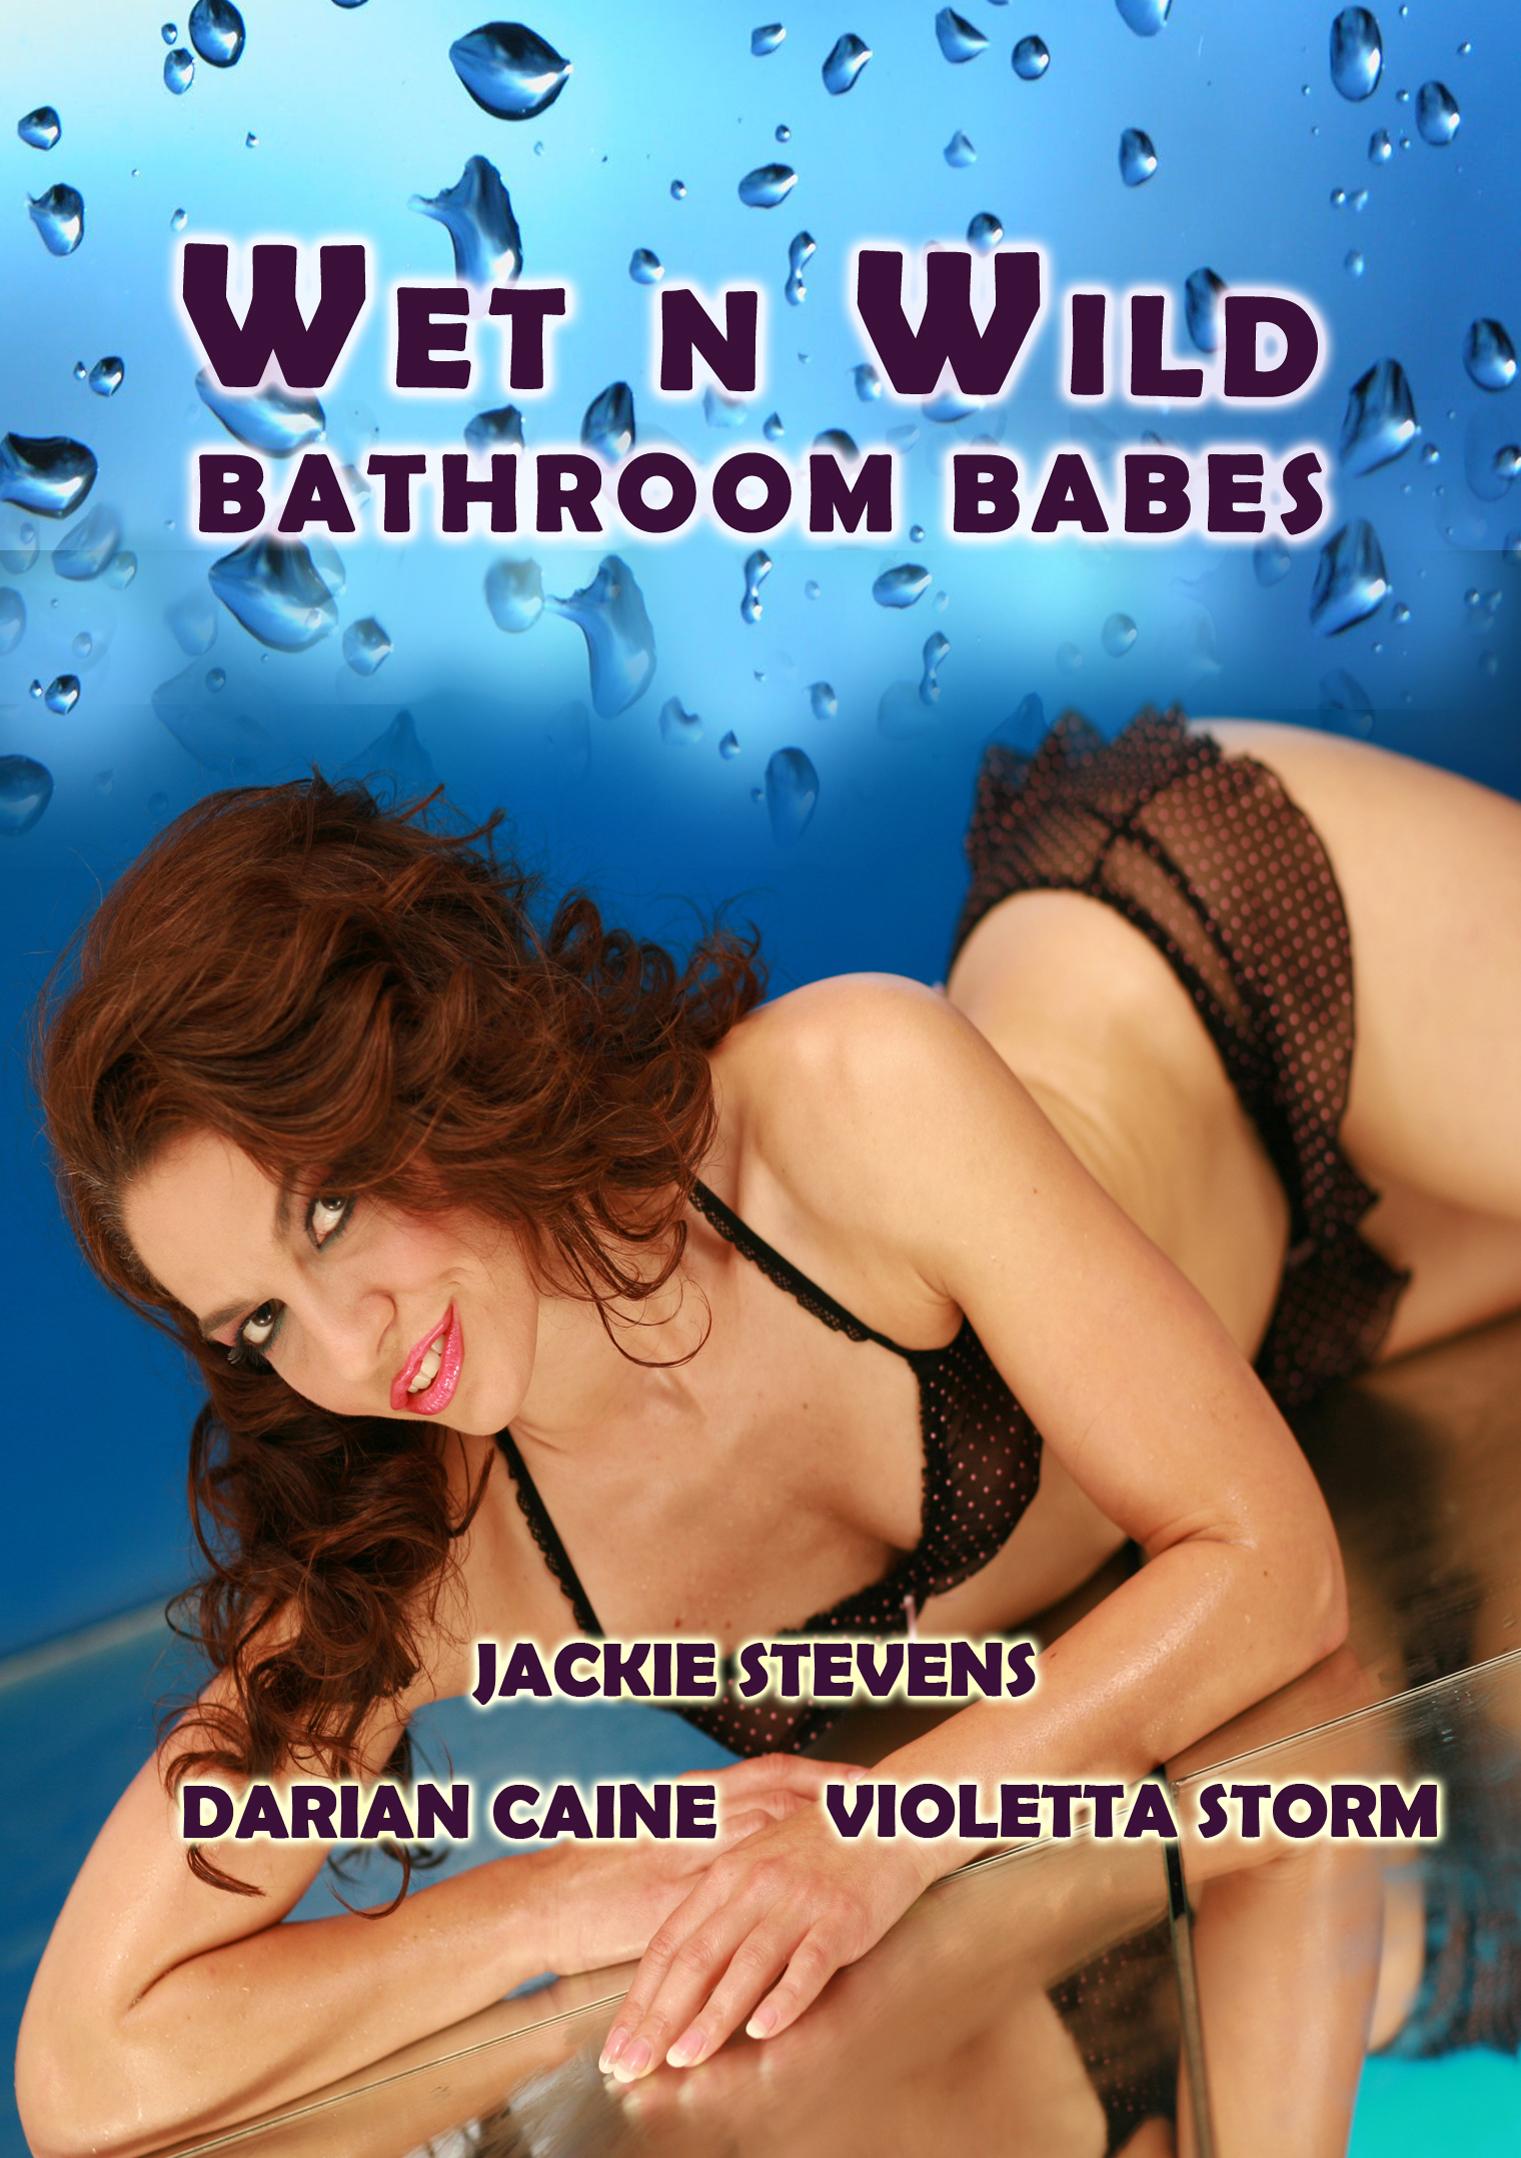 Wet 'n' Wild Bathroom Babes